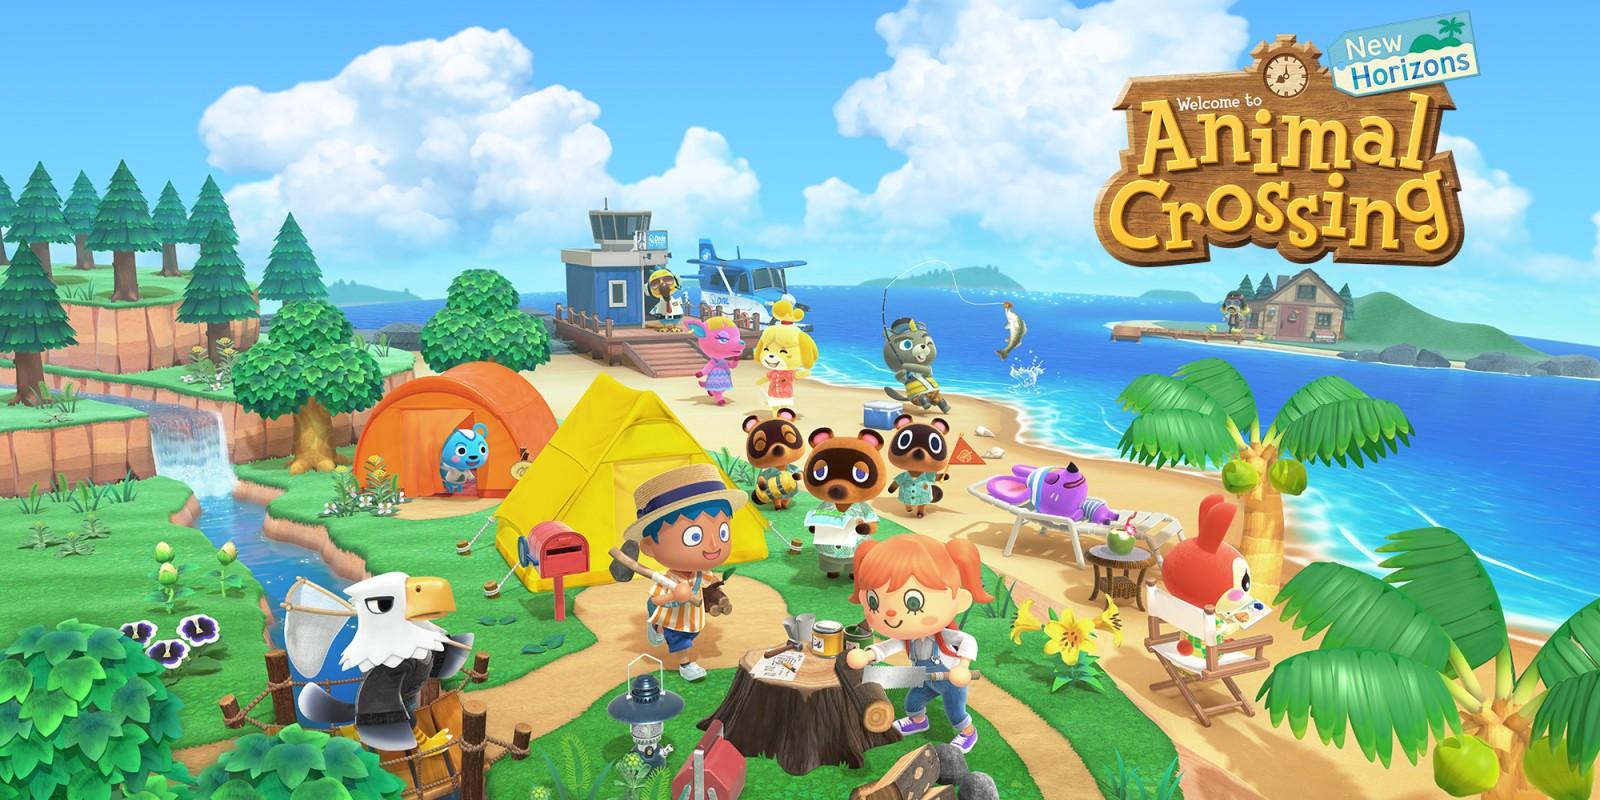 Imagen de Animal Crossing New Horizons